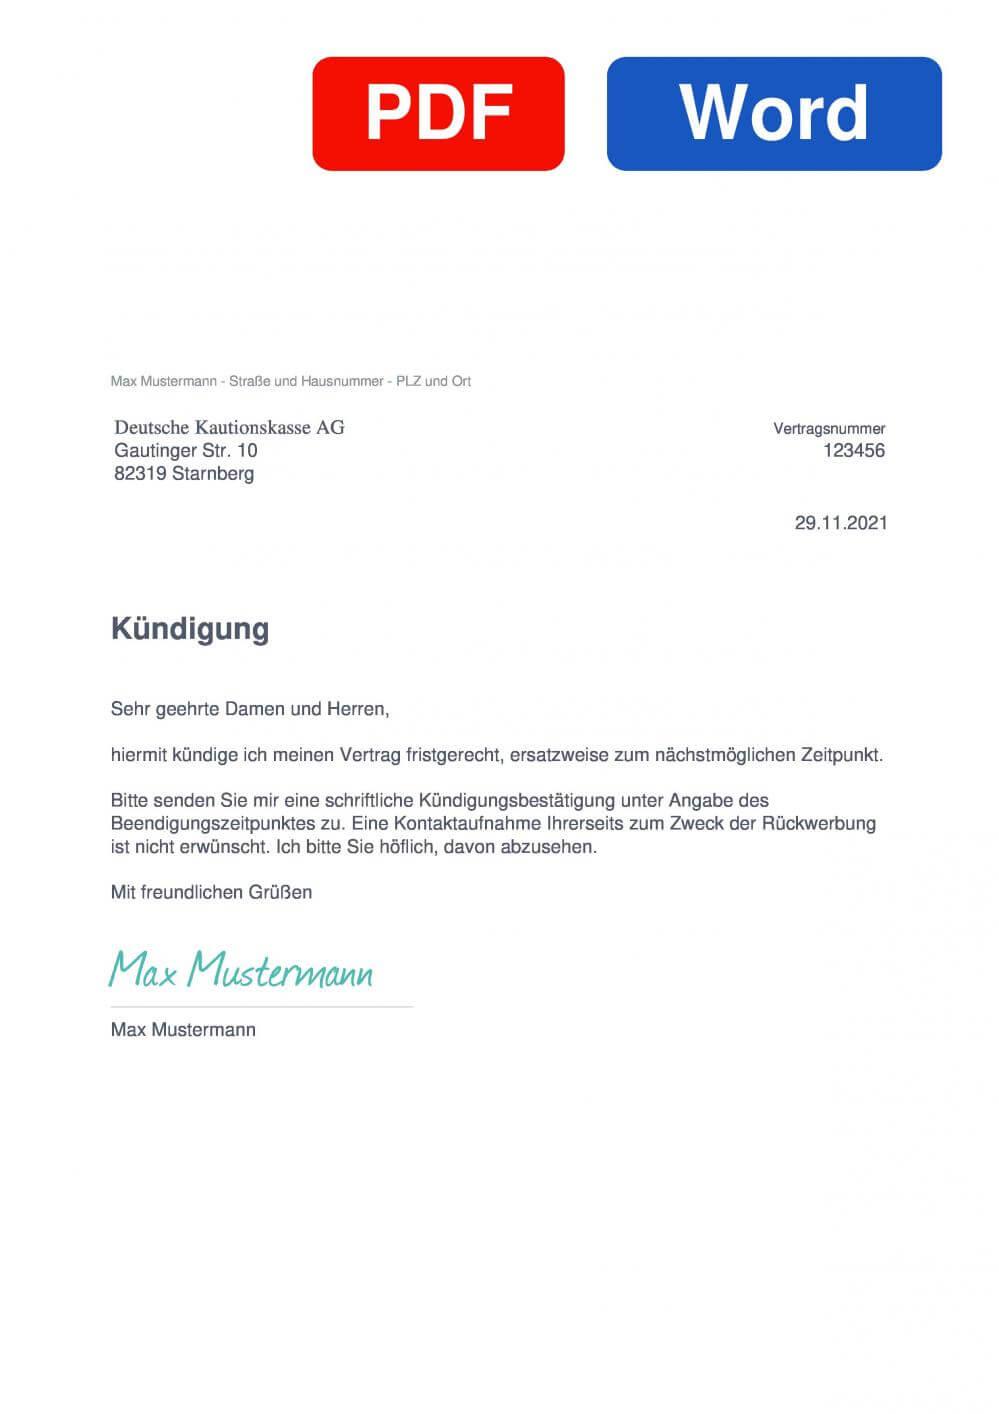 Deutsche Kautionskasse Muster Vorlage für Kündigungsschreiben